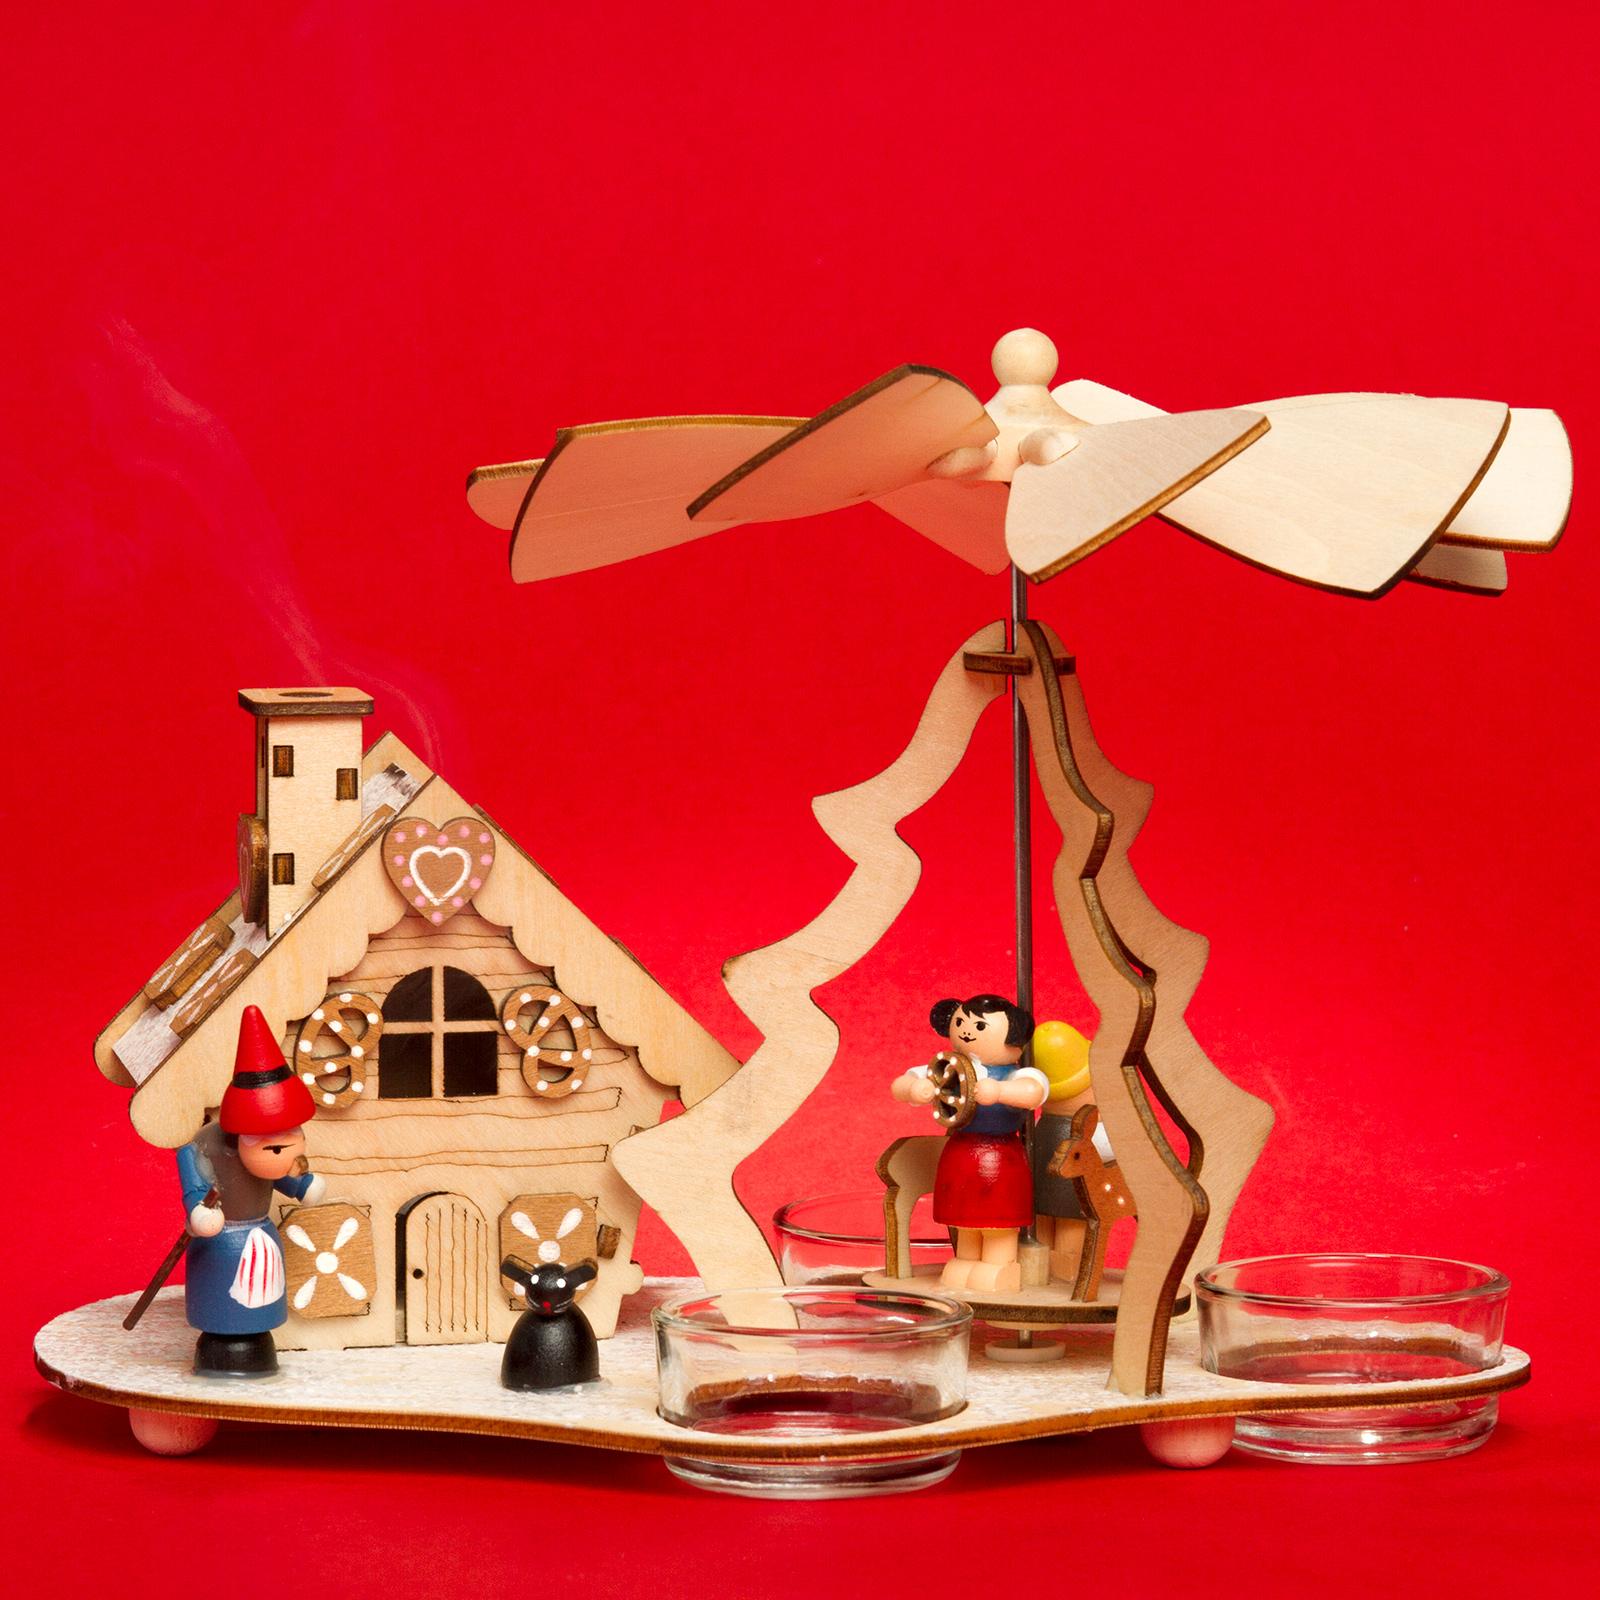 sikora p30 2 in 1 holz teelicht weihnachtspyramide mit funktionsf higem r ucherhaus motiv h nsel. Black Bedroom Furniture Sets. Home Design Ideas